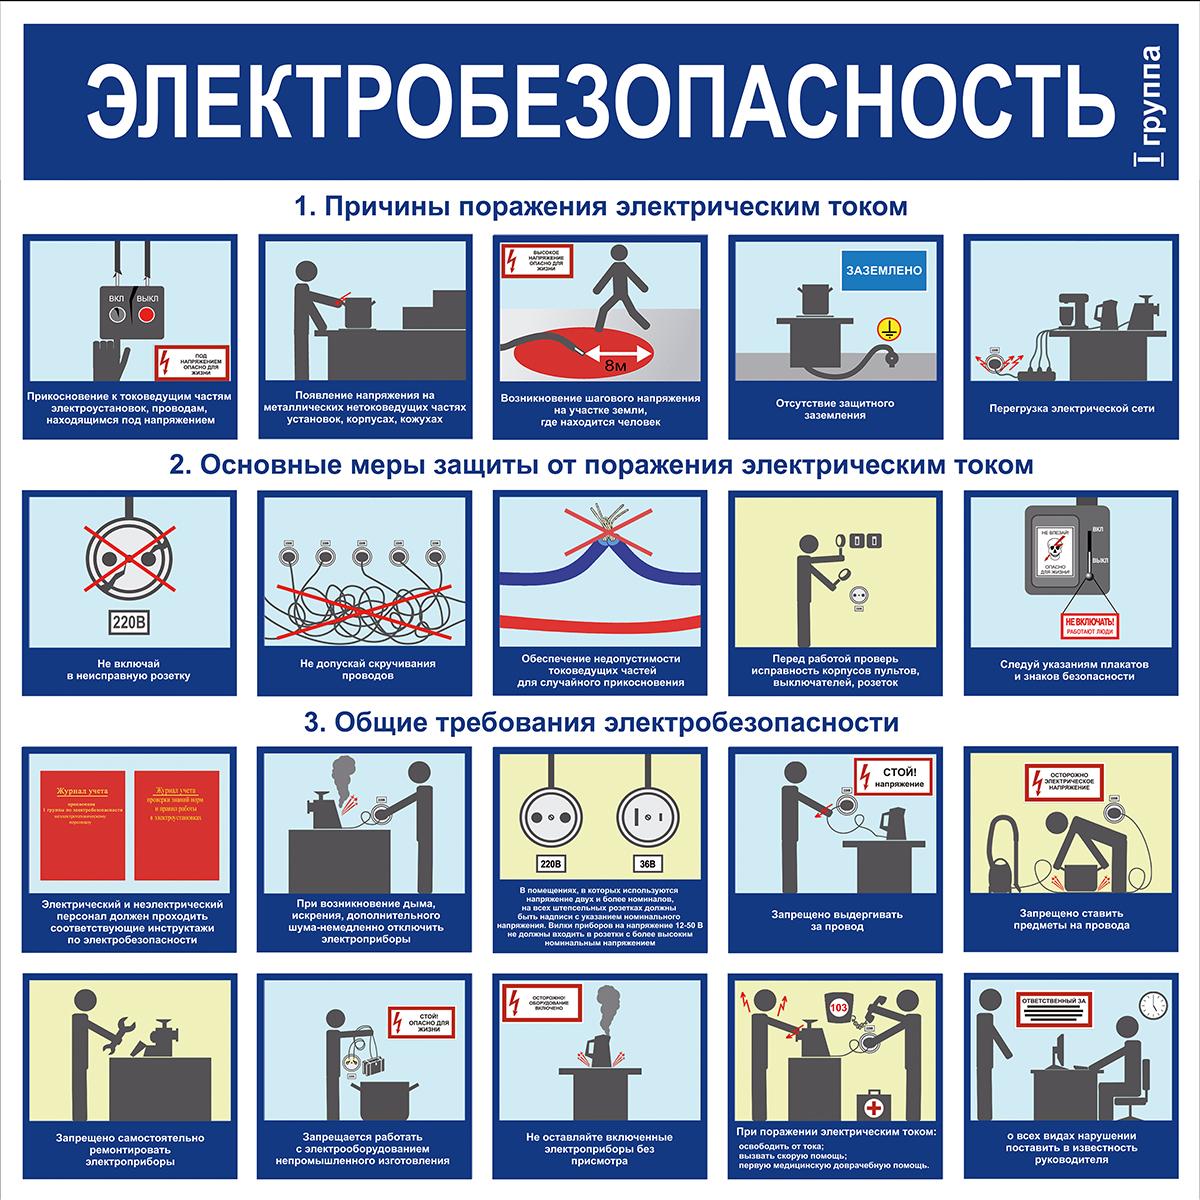 37 электробезопасность билеты и ответы для сдачи экзамена на 4 группу электробезопасности